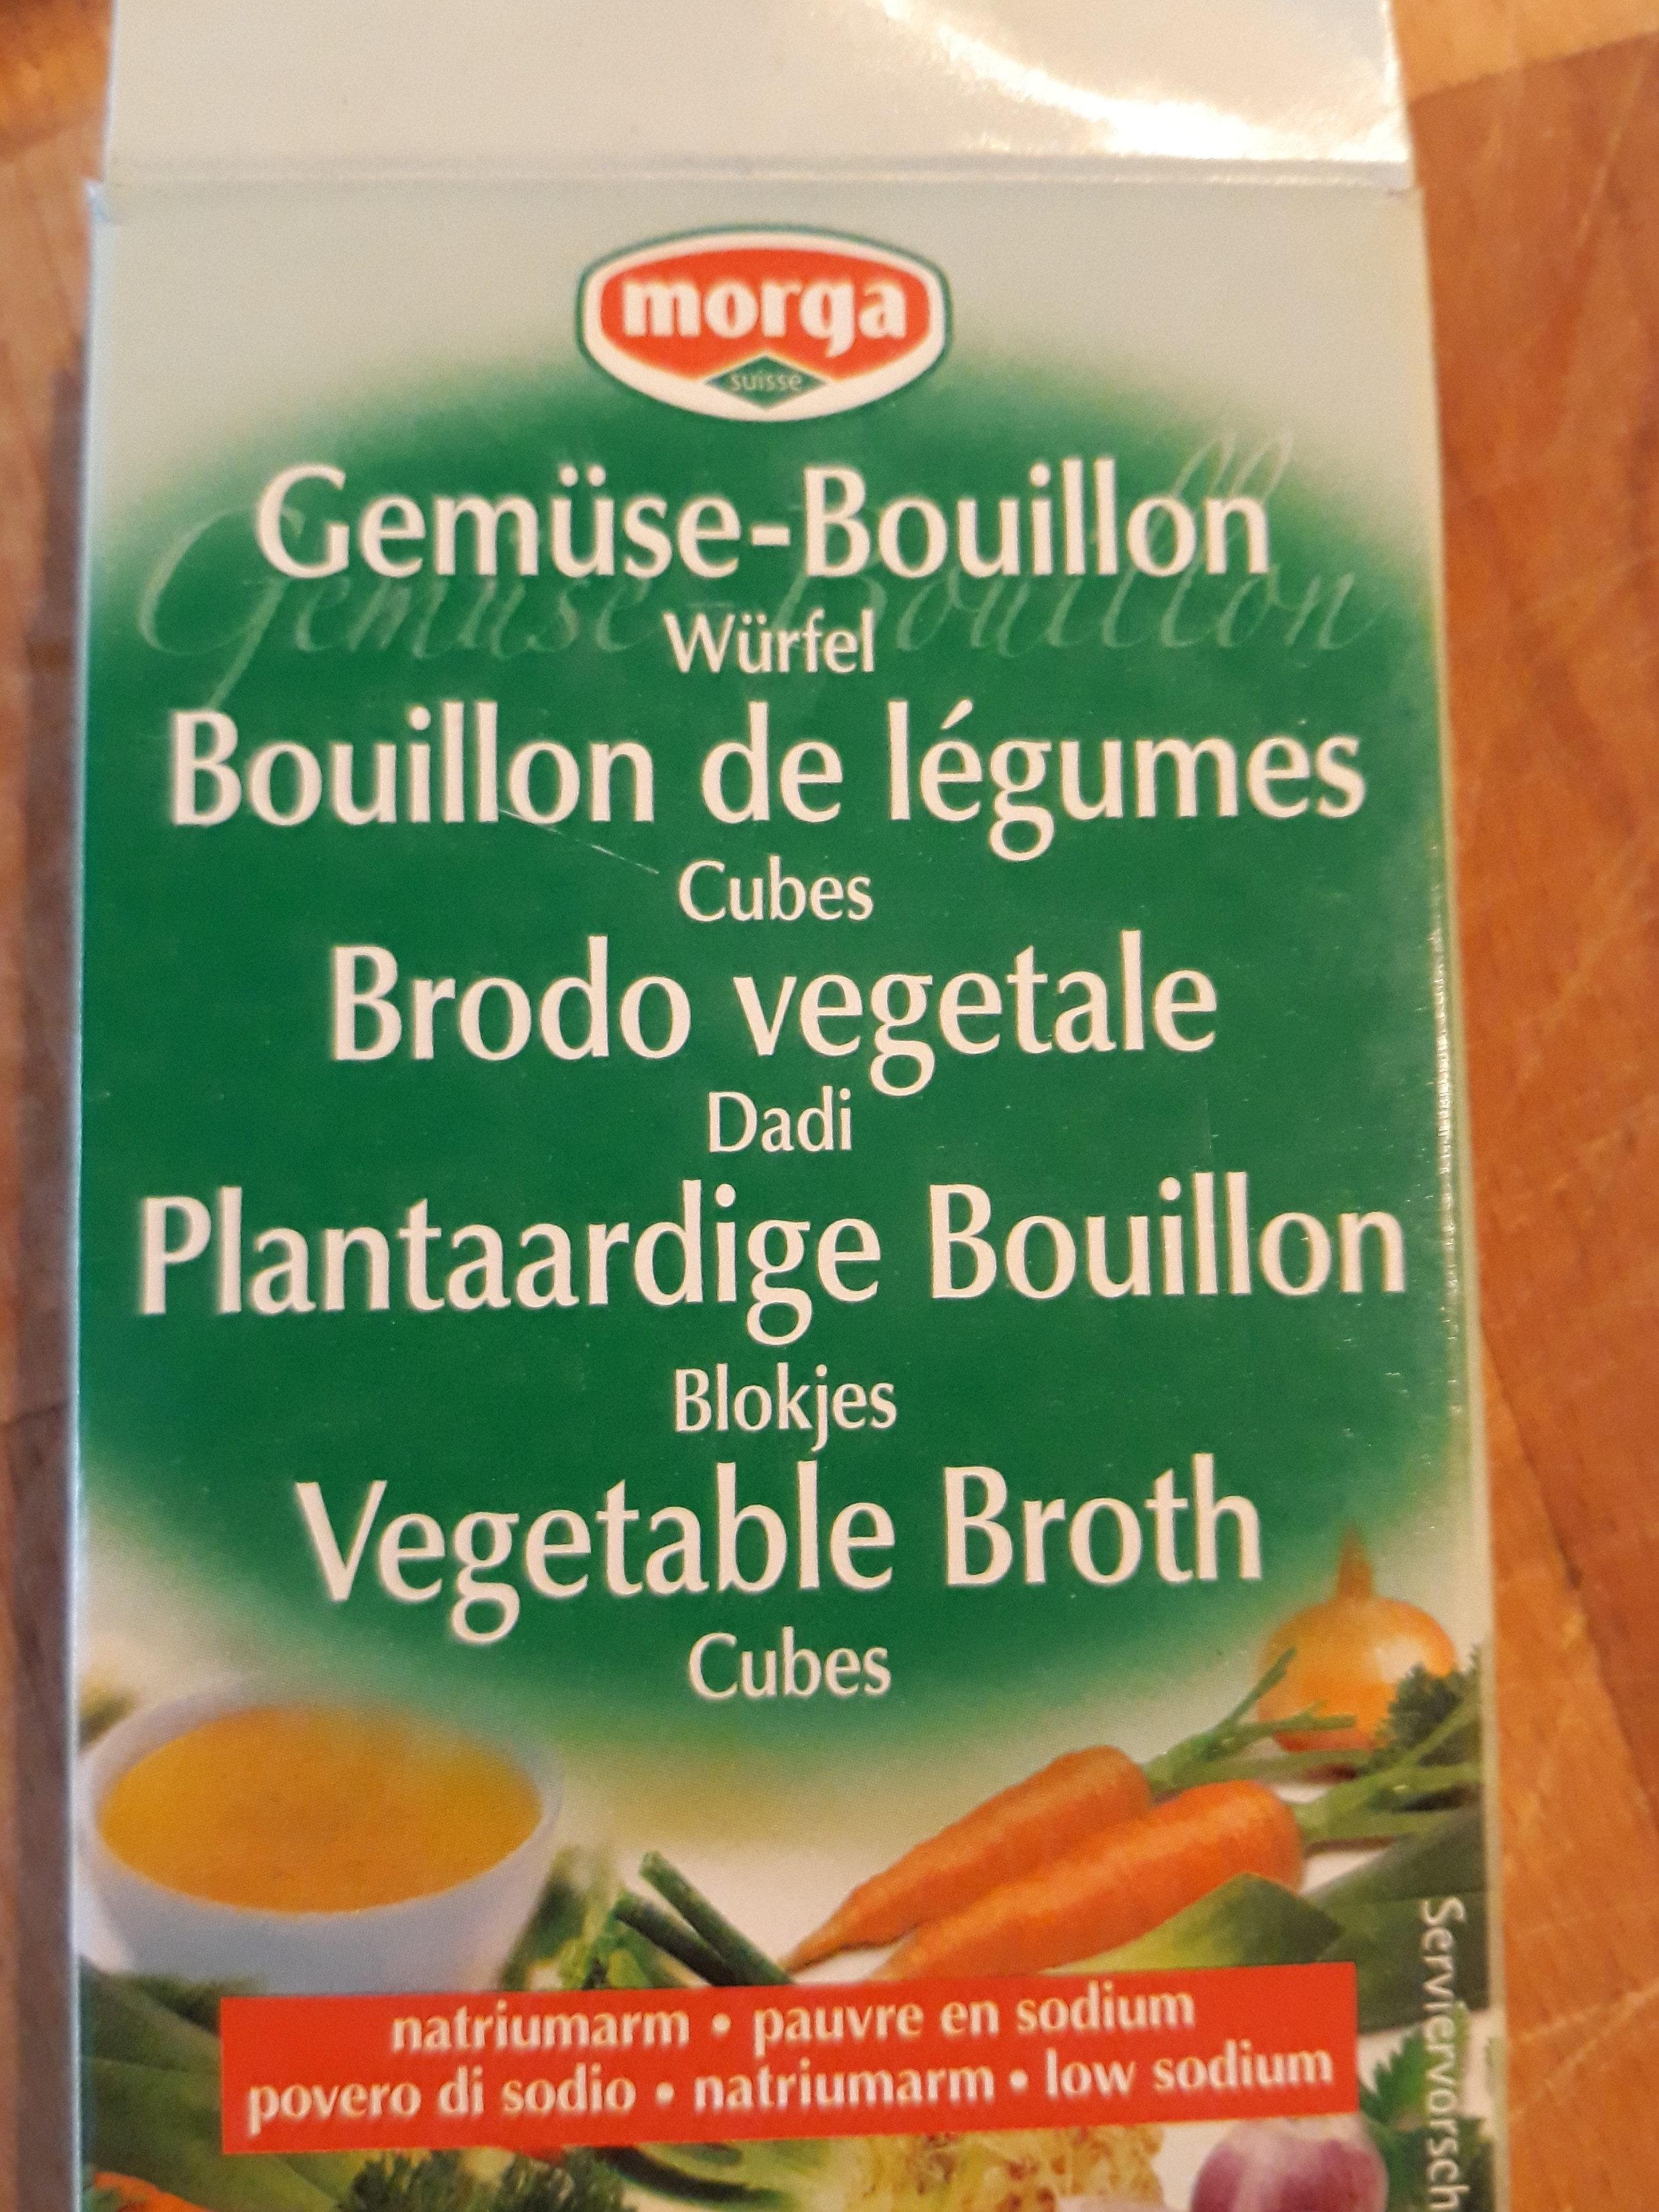 Bouillon de legumes - Product - fr